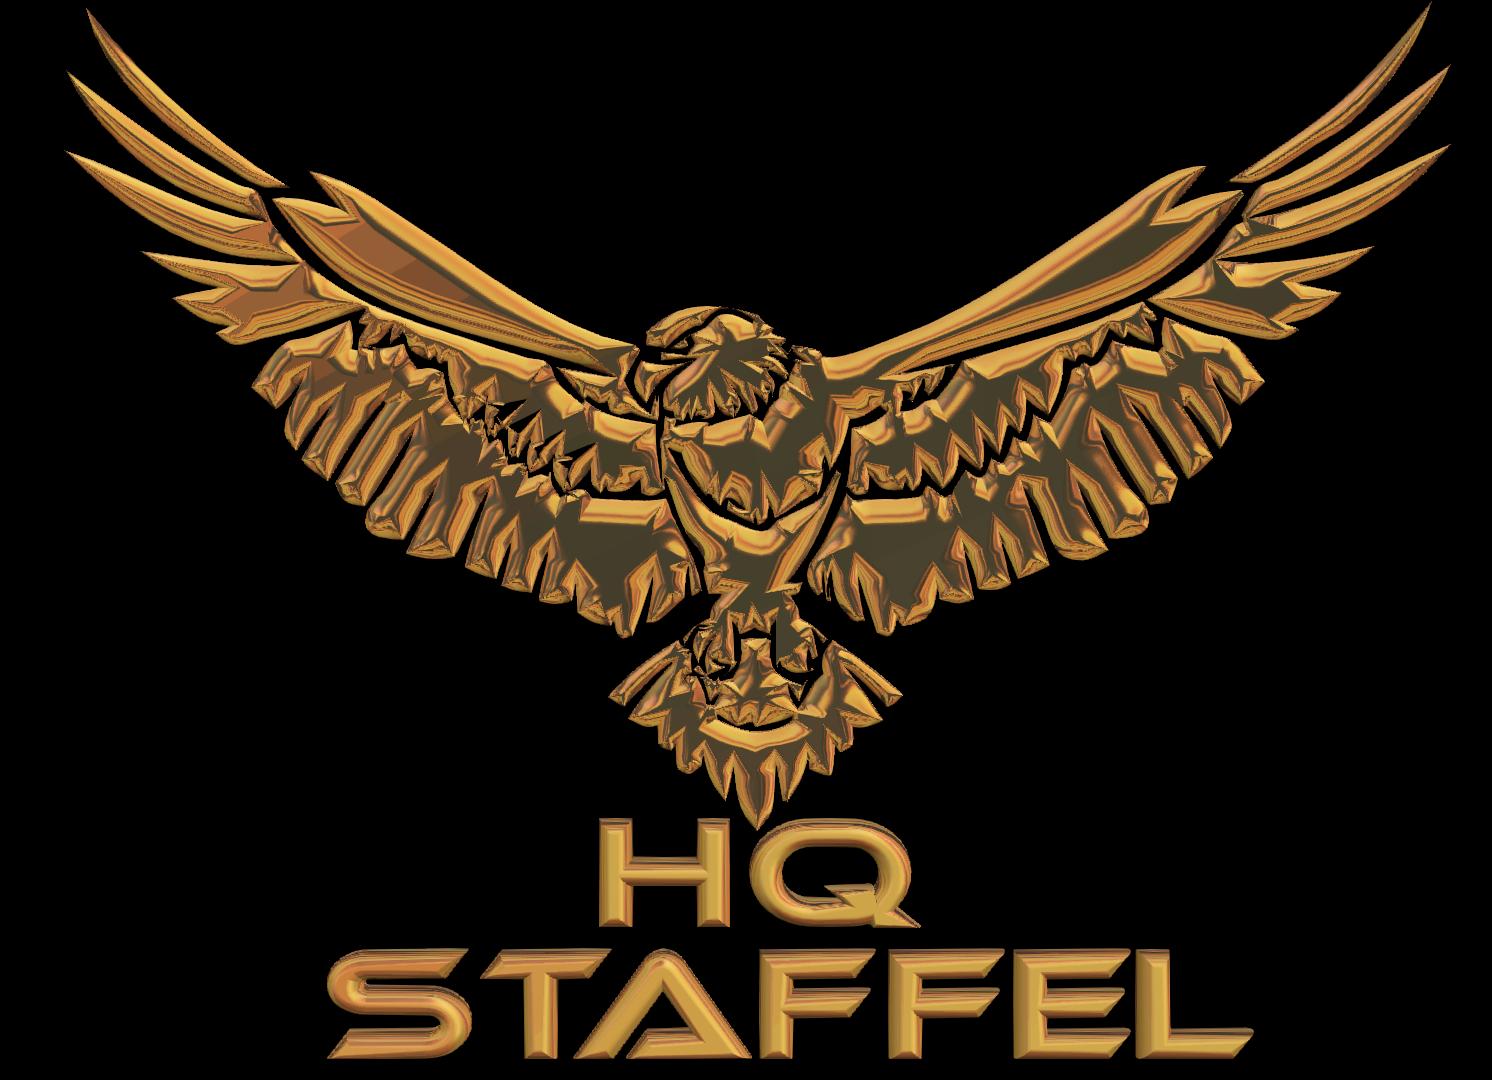 HQ-Staffel-Logo_Adler_02_Kupfer_01.png